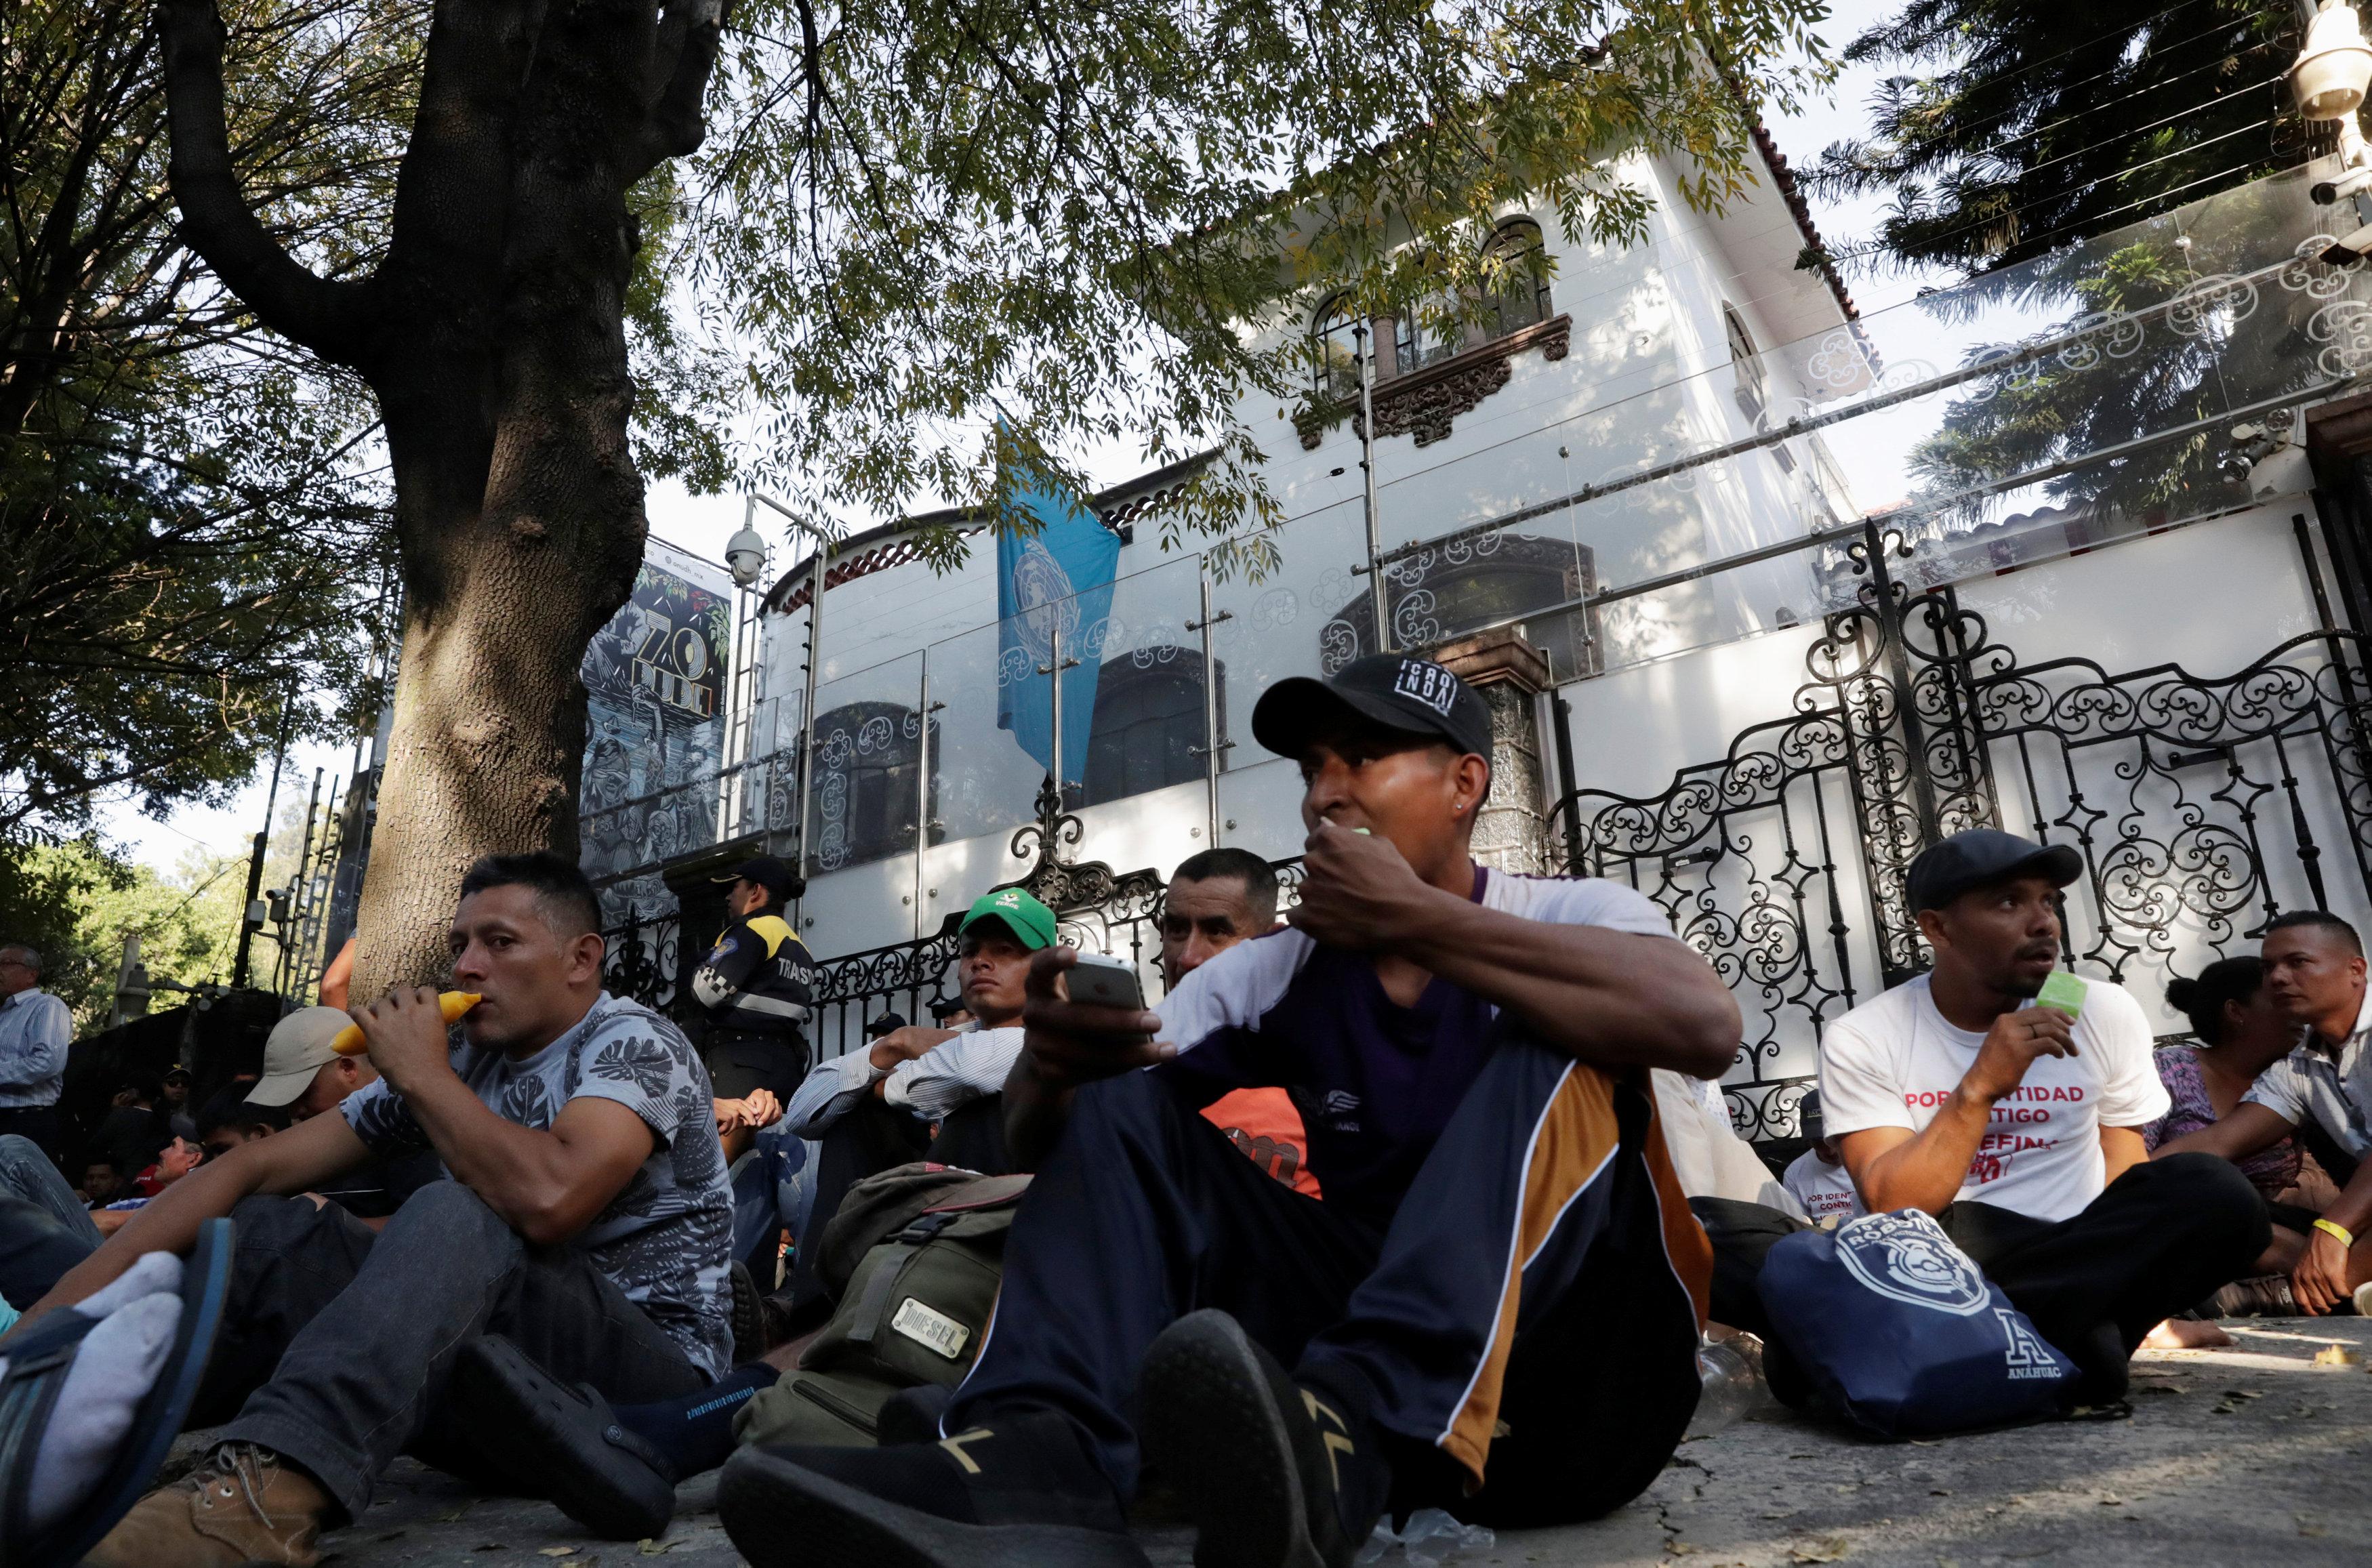 قافلة المهاجرين تواصل تقدمها تجاه أمريكا (6)